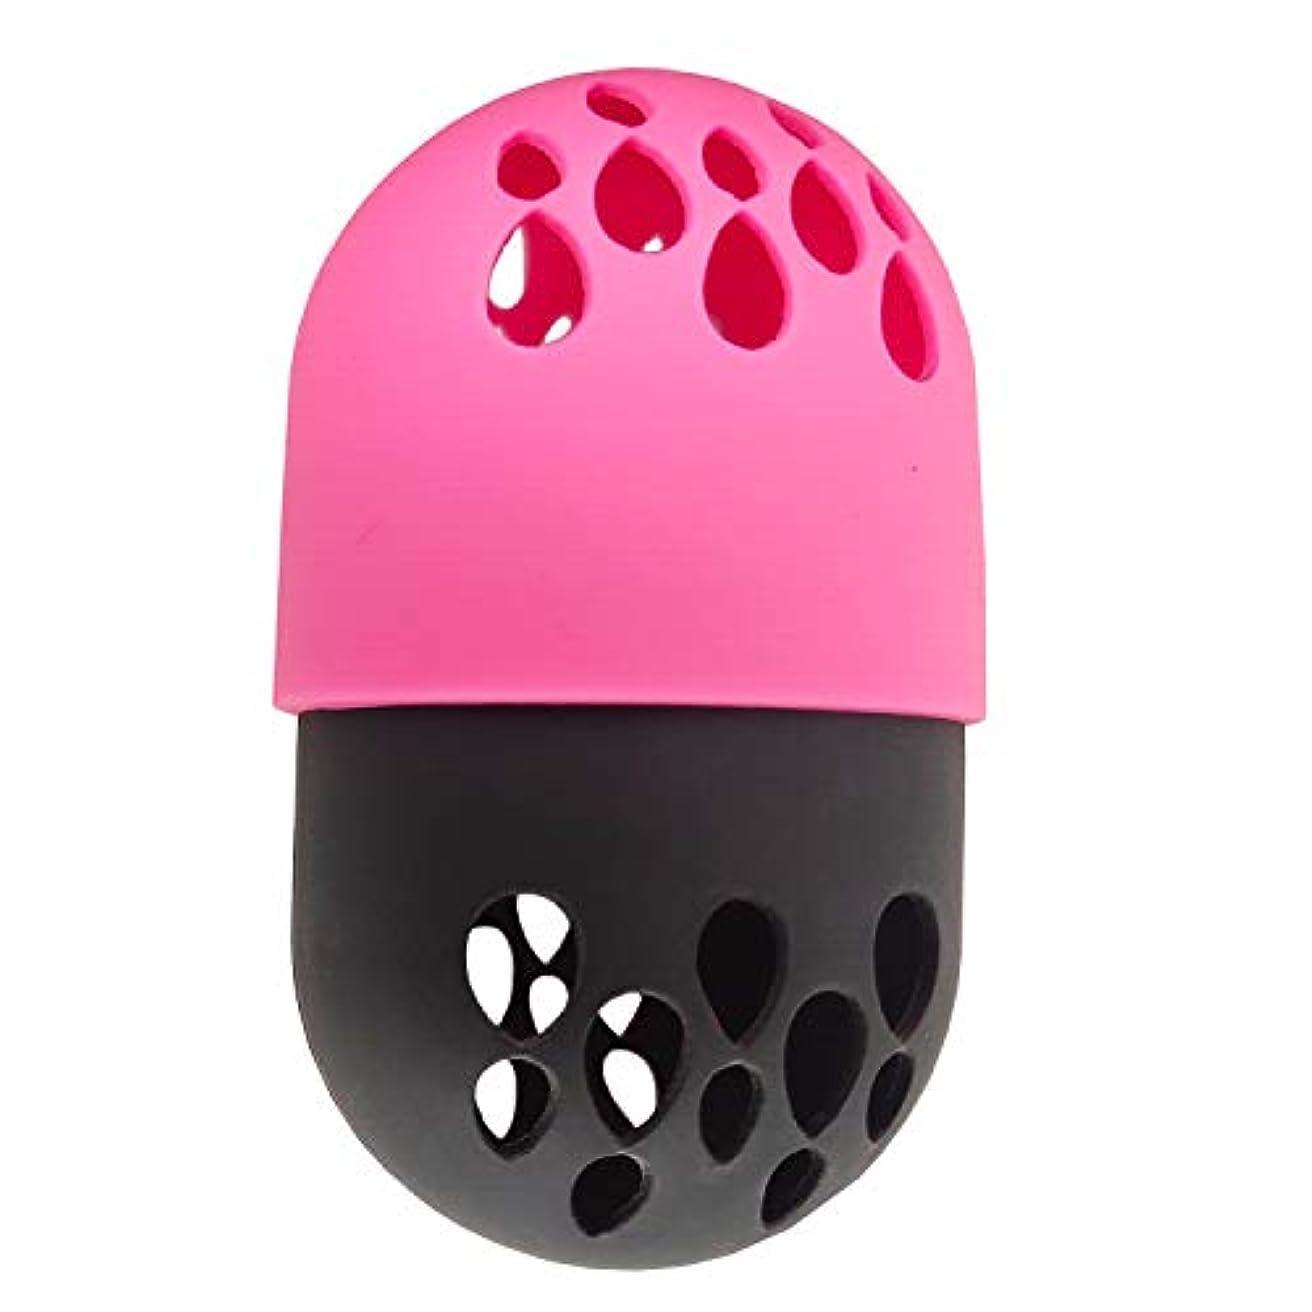 飲み込む薬剤師ブロー美容スポンジ収納ケース、通気性を柔らか美容スポンジ シリコン旅行 キャリングケース、小型軽量 あらゆる化粧スポンジ適用 (ピンク)